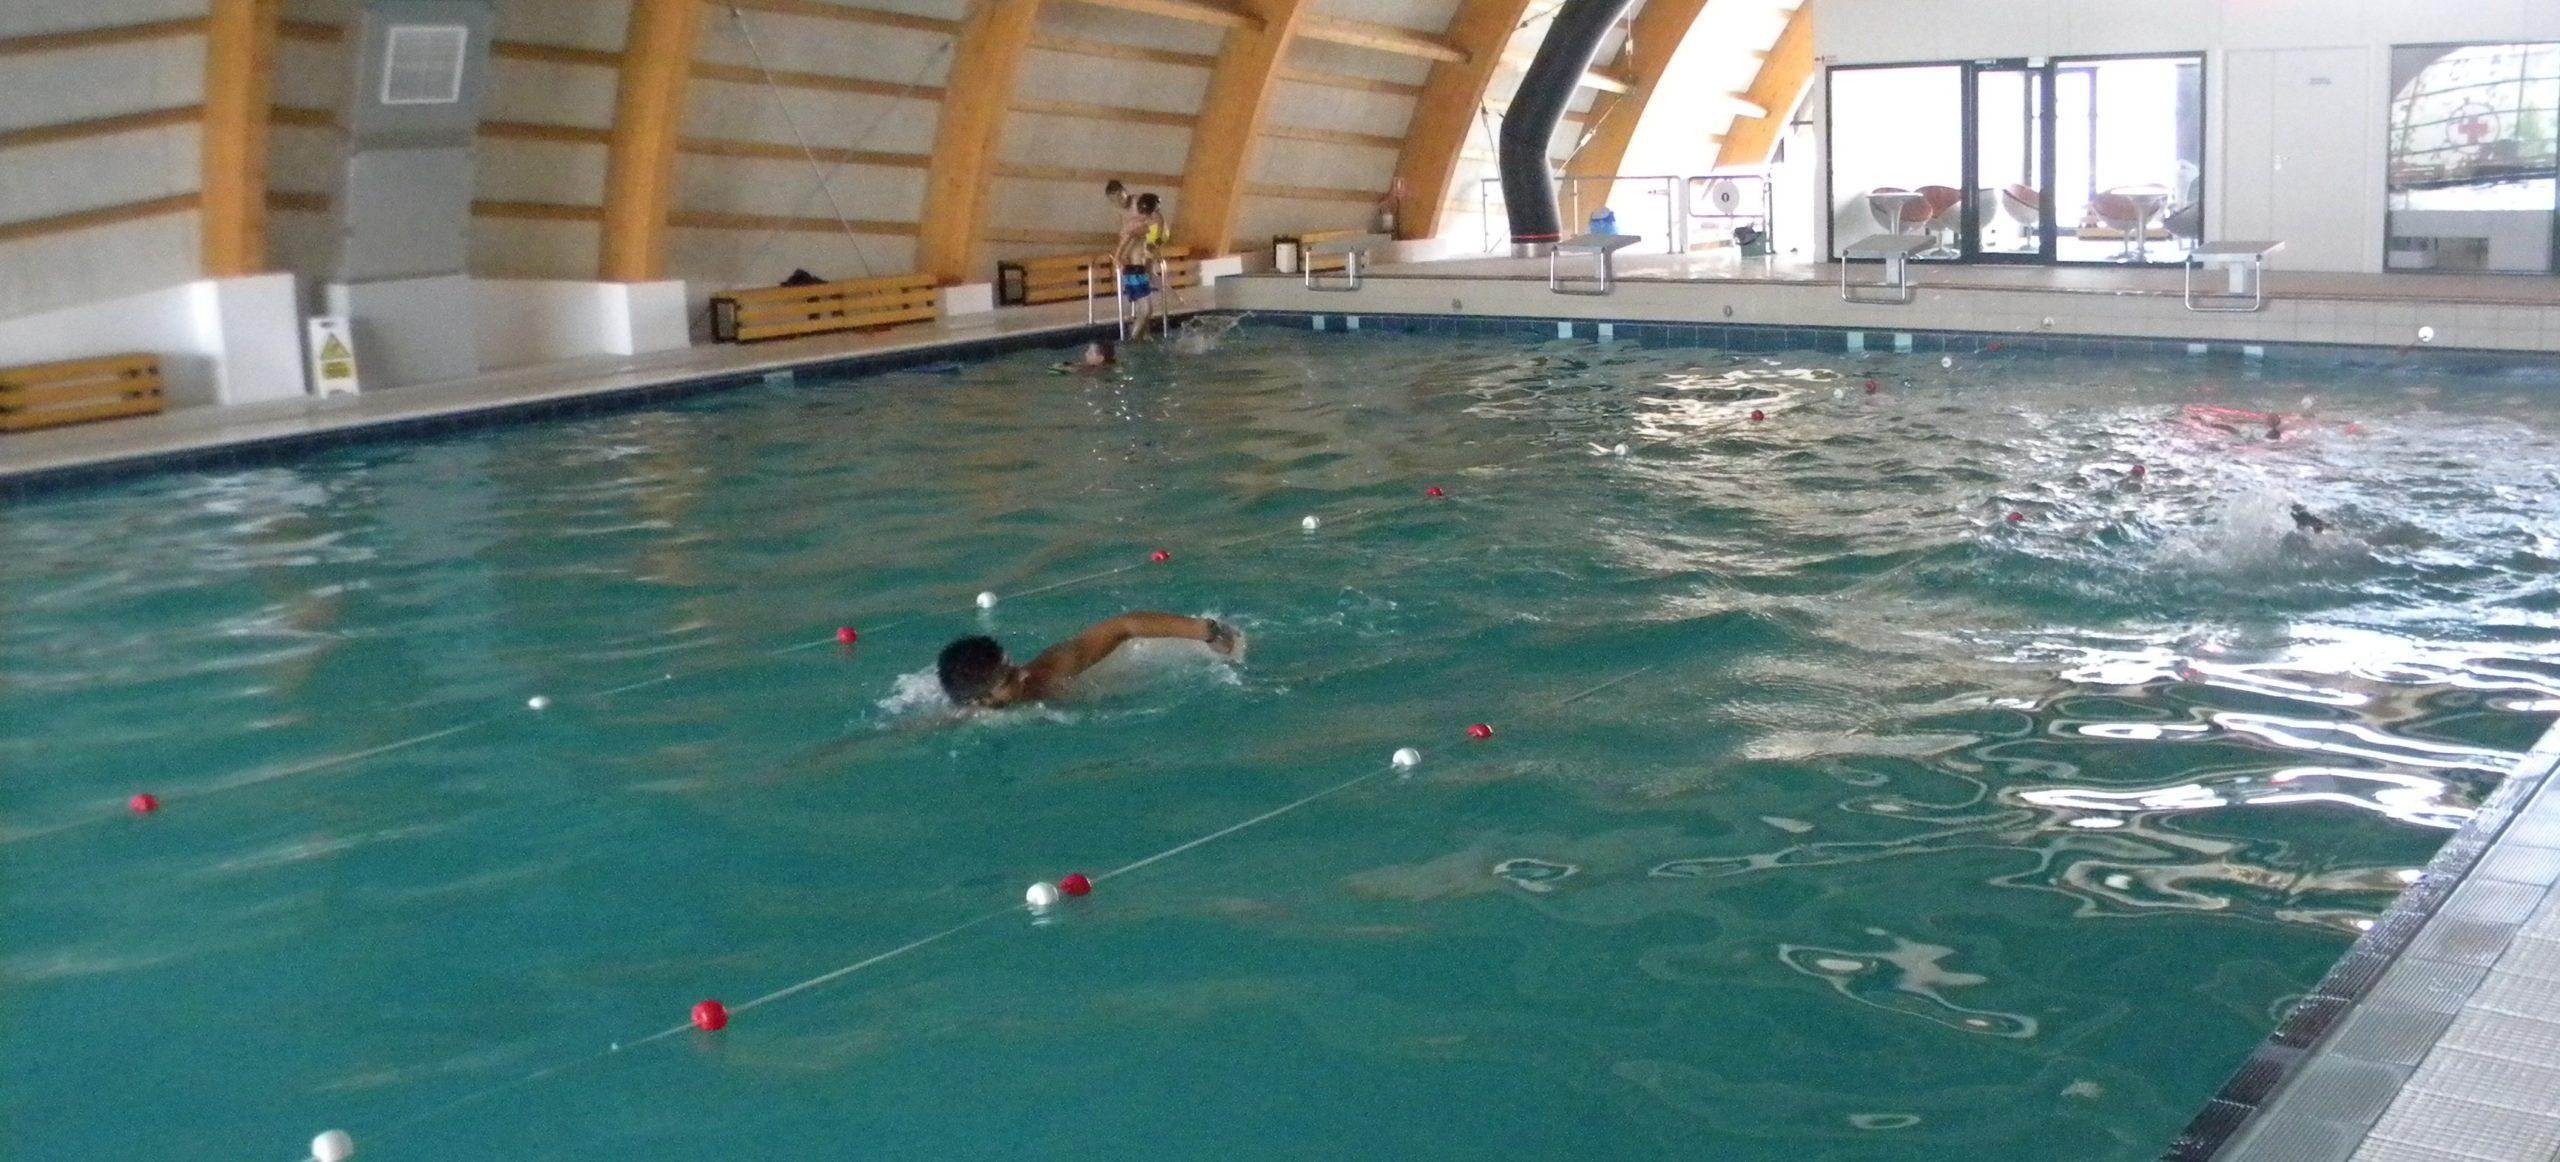 COVID-19: se închide bazinul de înot din Slatina